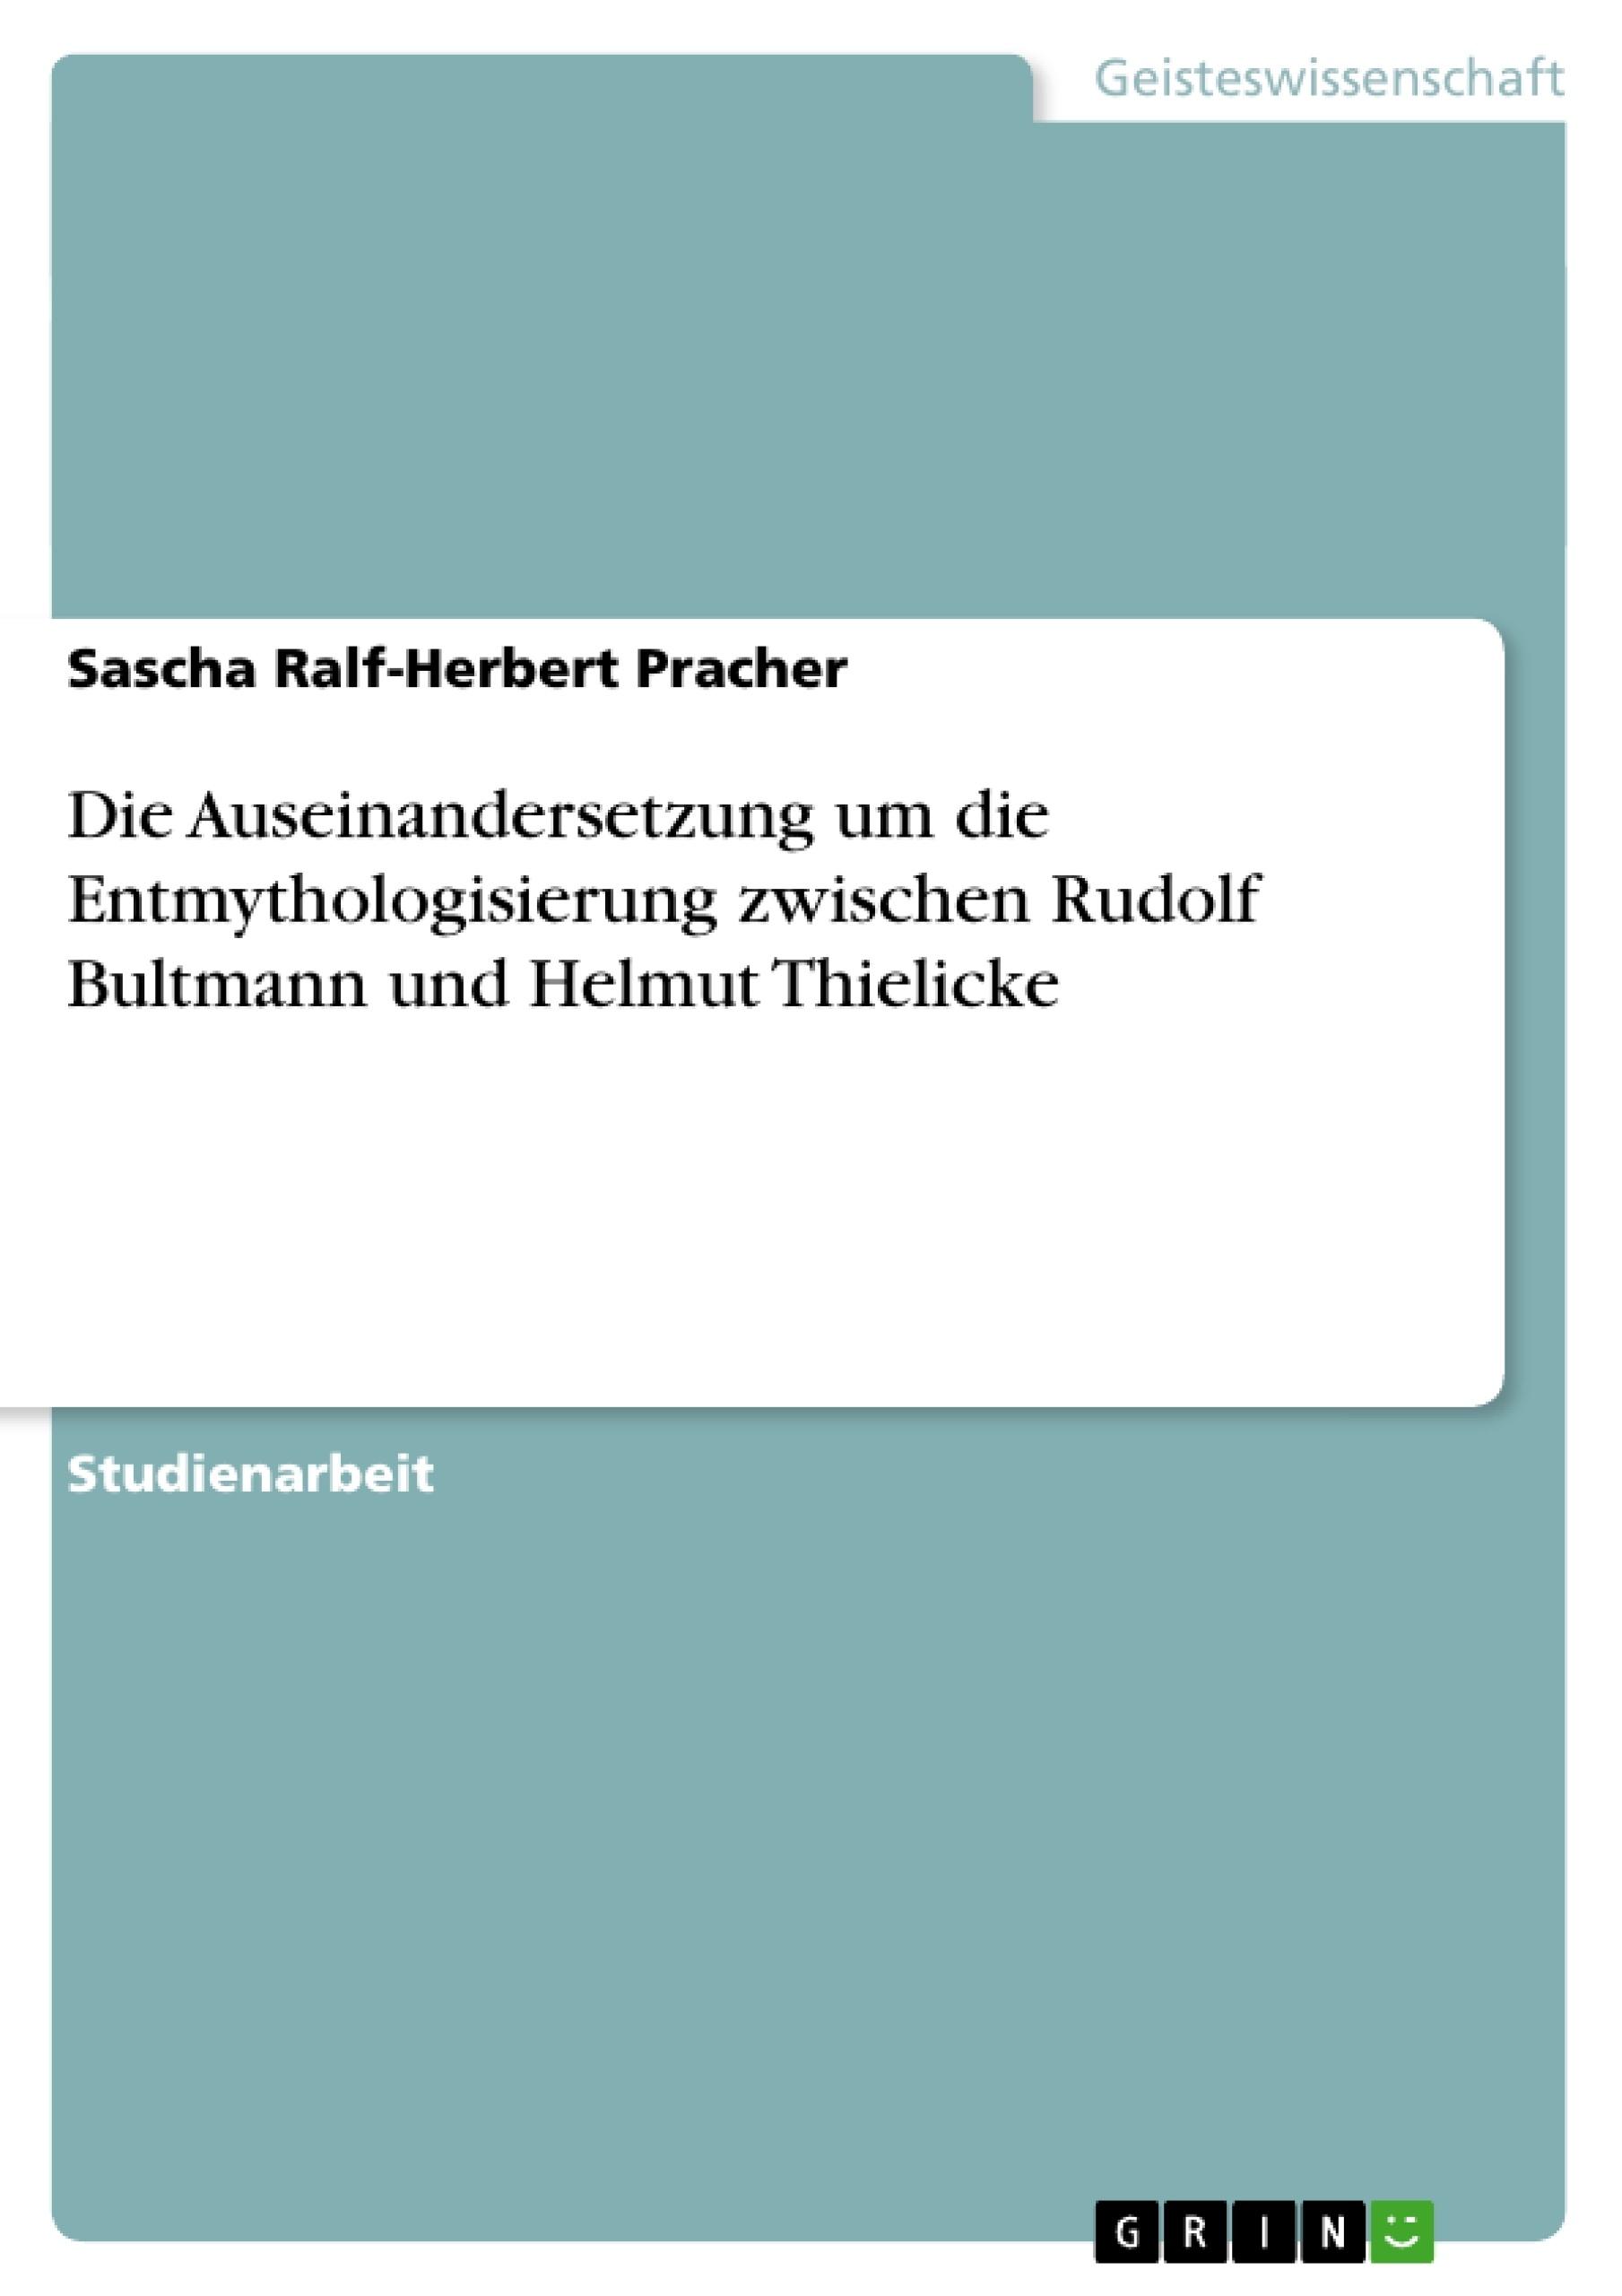 Titel: Die Auseinandersetzung um die Entmythologisierung zwischen Rudolf Bultmann und Helmut Thielicke